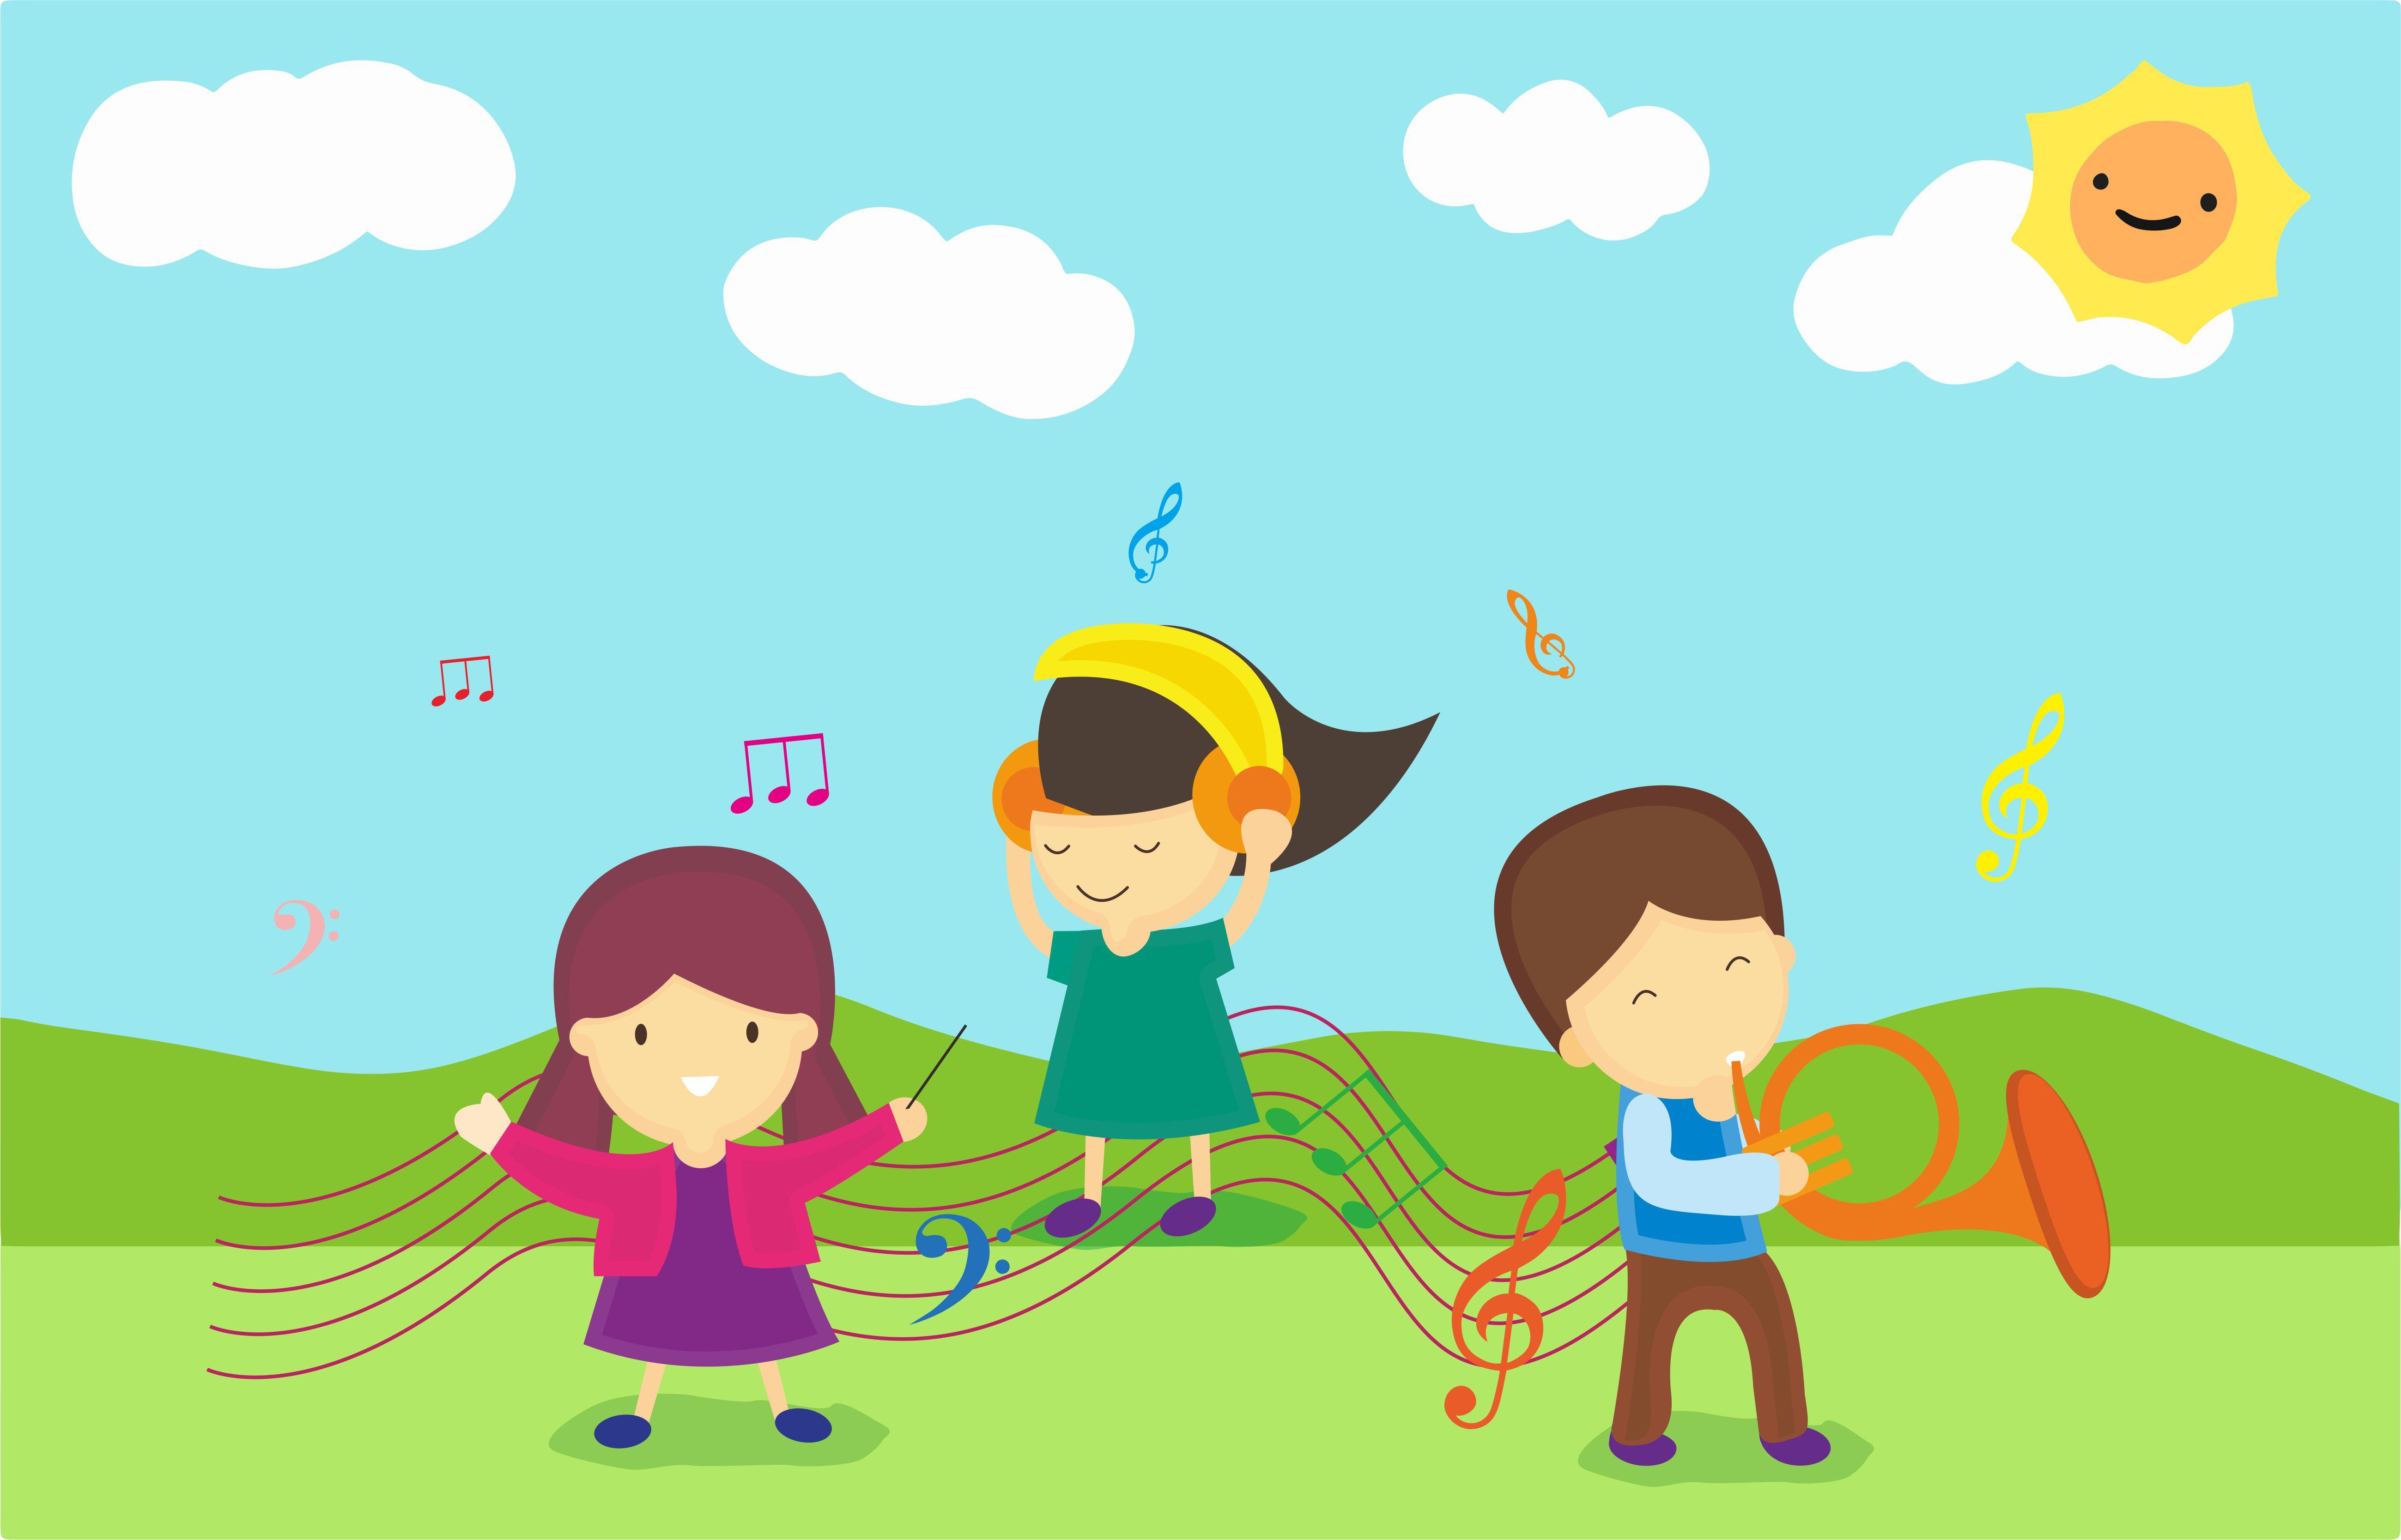 声乐学习对良好性格的塑造有什么影响?